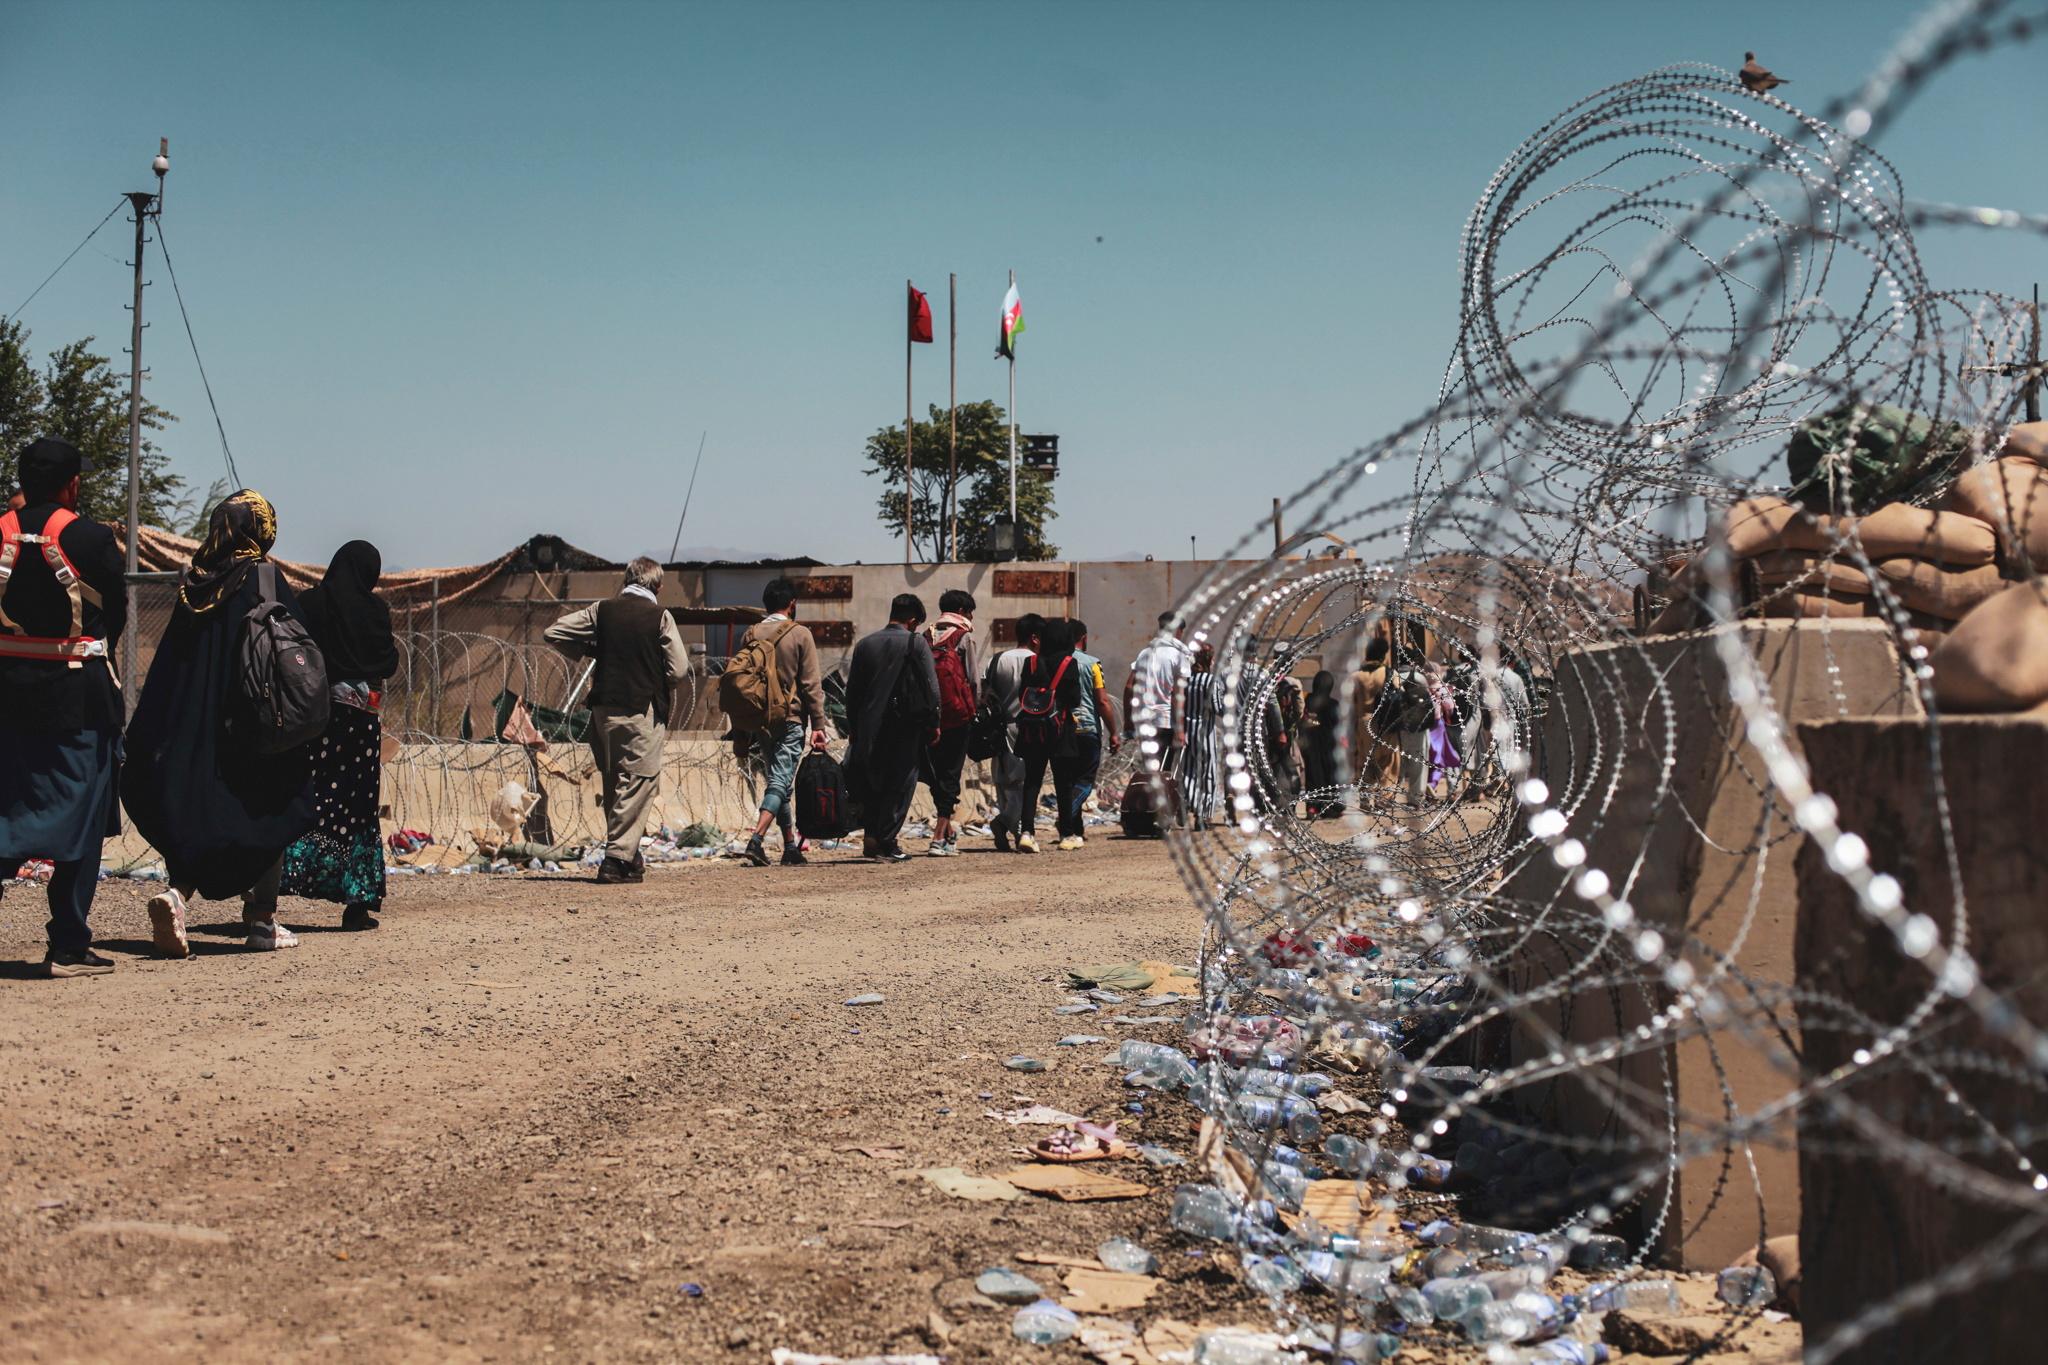 Αφγανιστάν: Το Κατάρ μιλά με τους Ταλιμπάν για να ανοίξει το αεροδρόμιο της Καμπούλ